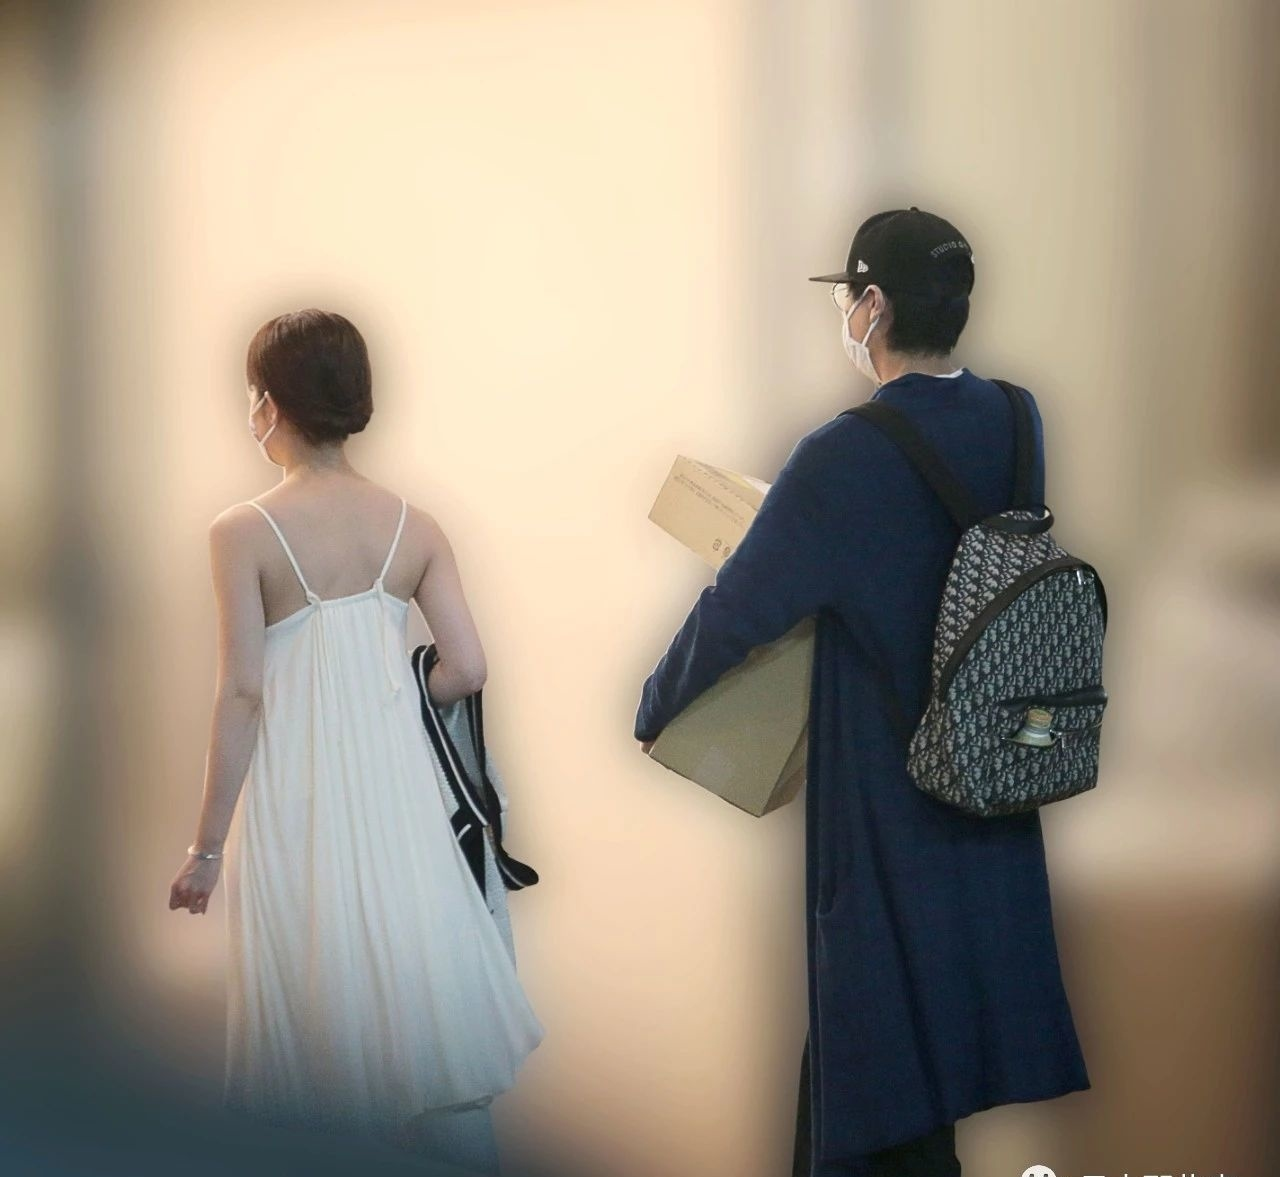 横尾渉亲口承认了恋爱消息以及想要结婚的想法坦诚的让网友心疼 (5)